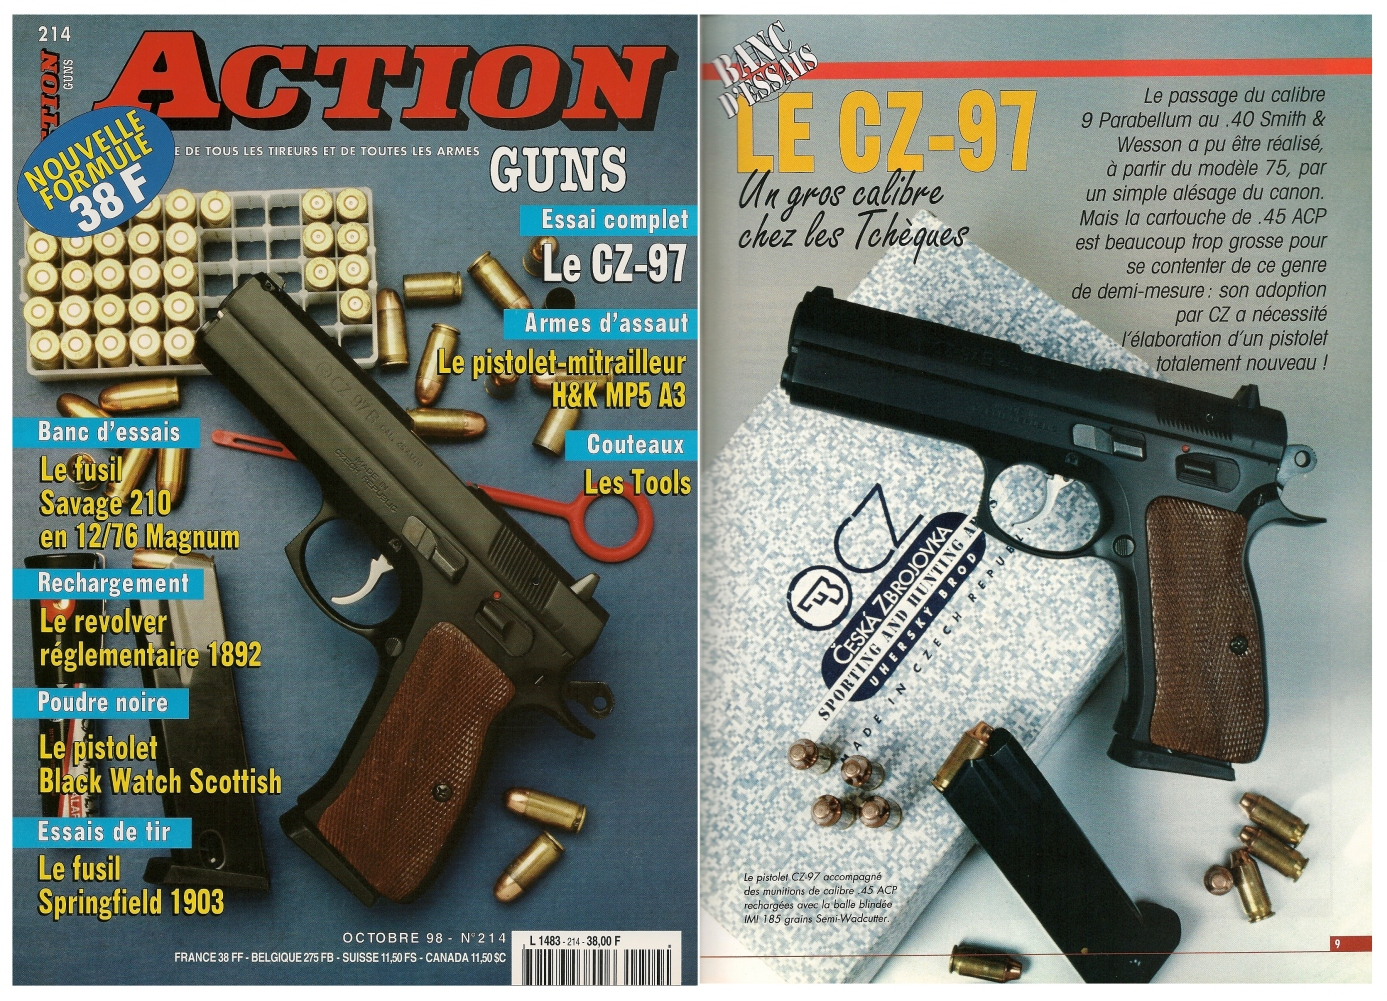 Le banc d'essai du pistolet CZ 75 B en calibre .45 ACP a été publié sur 7 pages dans le magazine Action Guns n°214 (octobre 1998)